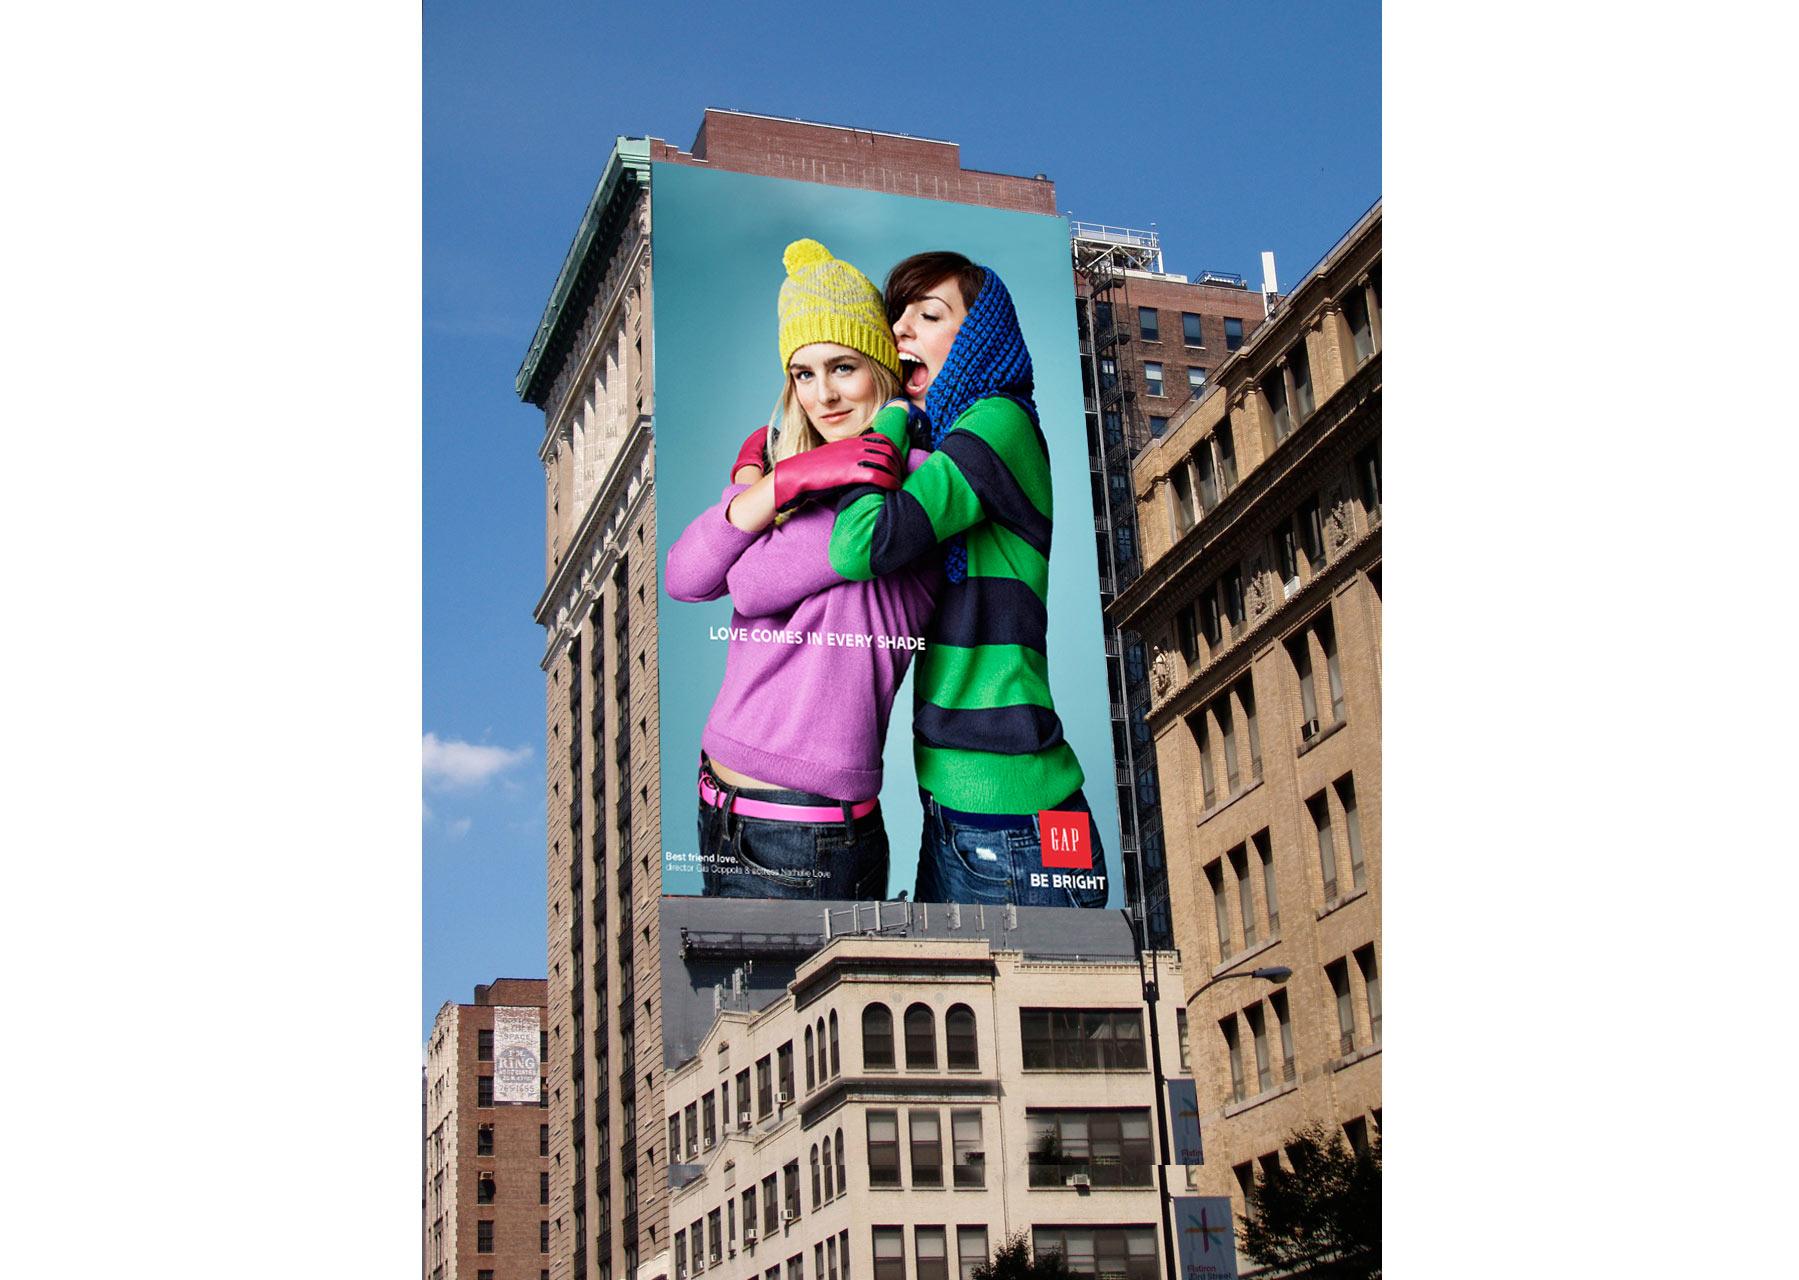 holiday-billboard